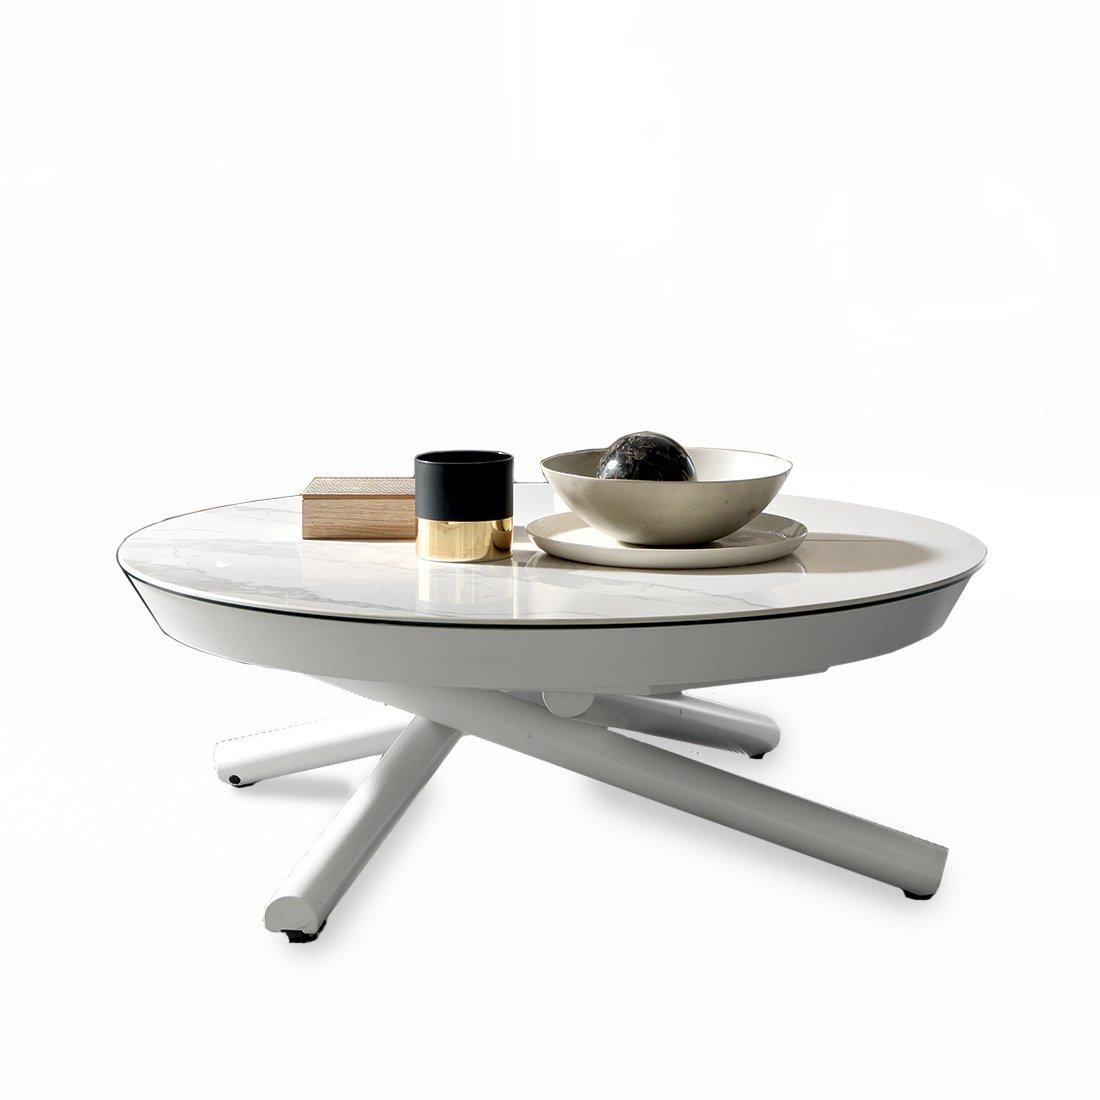 Table basse relevable ronde phebus meubles et atmosph re Table basse ronde relevable